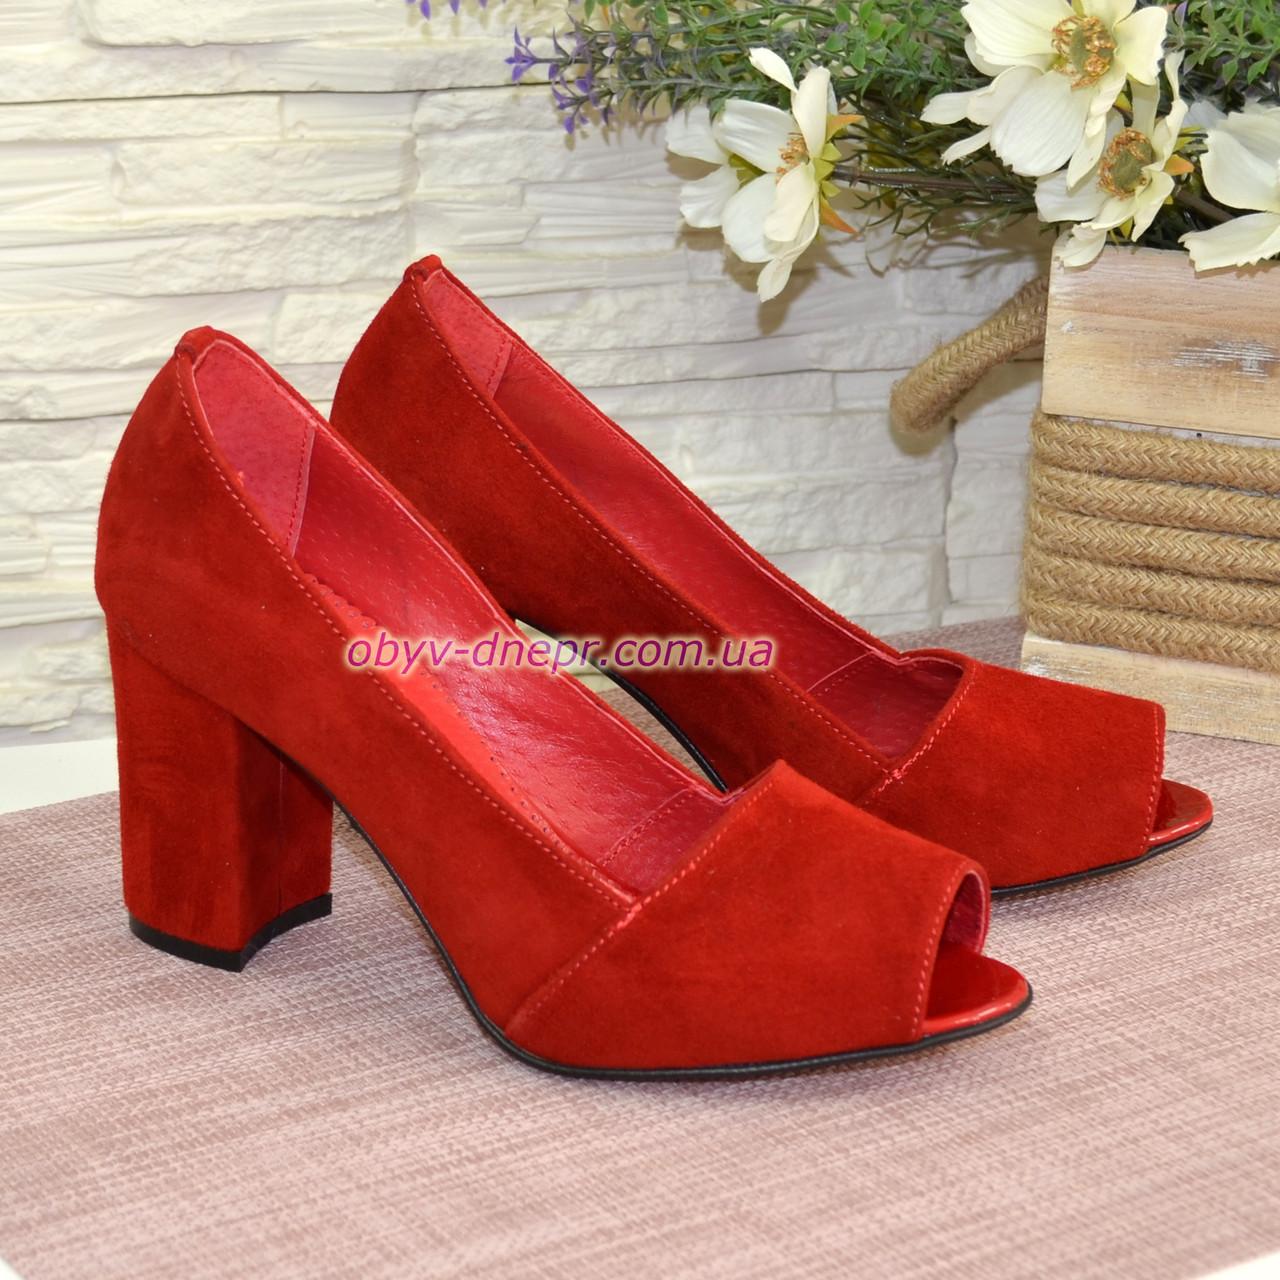 Туфли замшевые с открытым носком, на высоком устойчивом каблуке, цвет красный